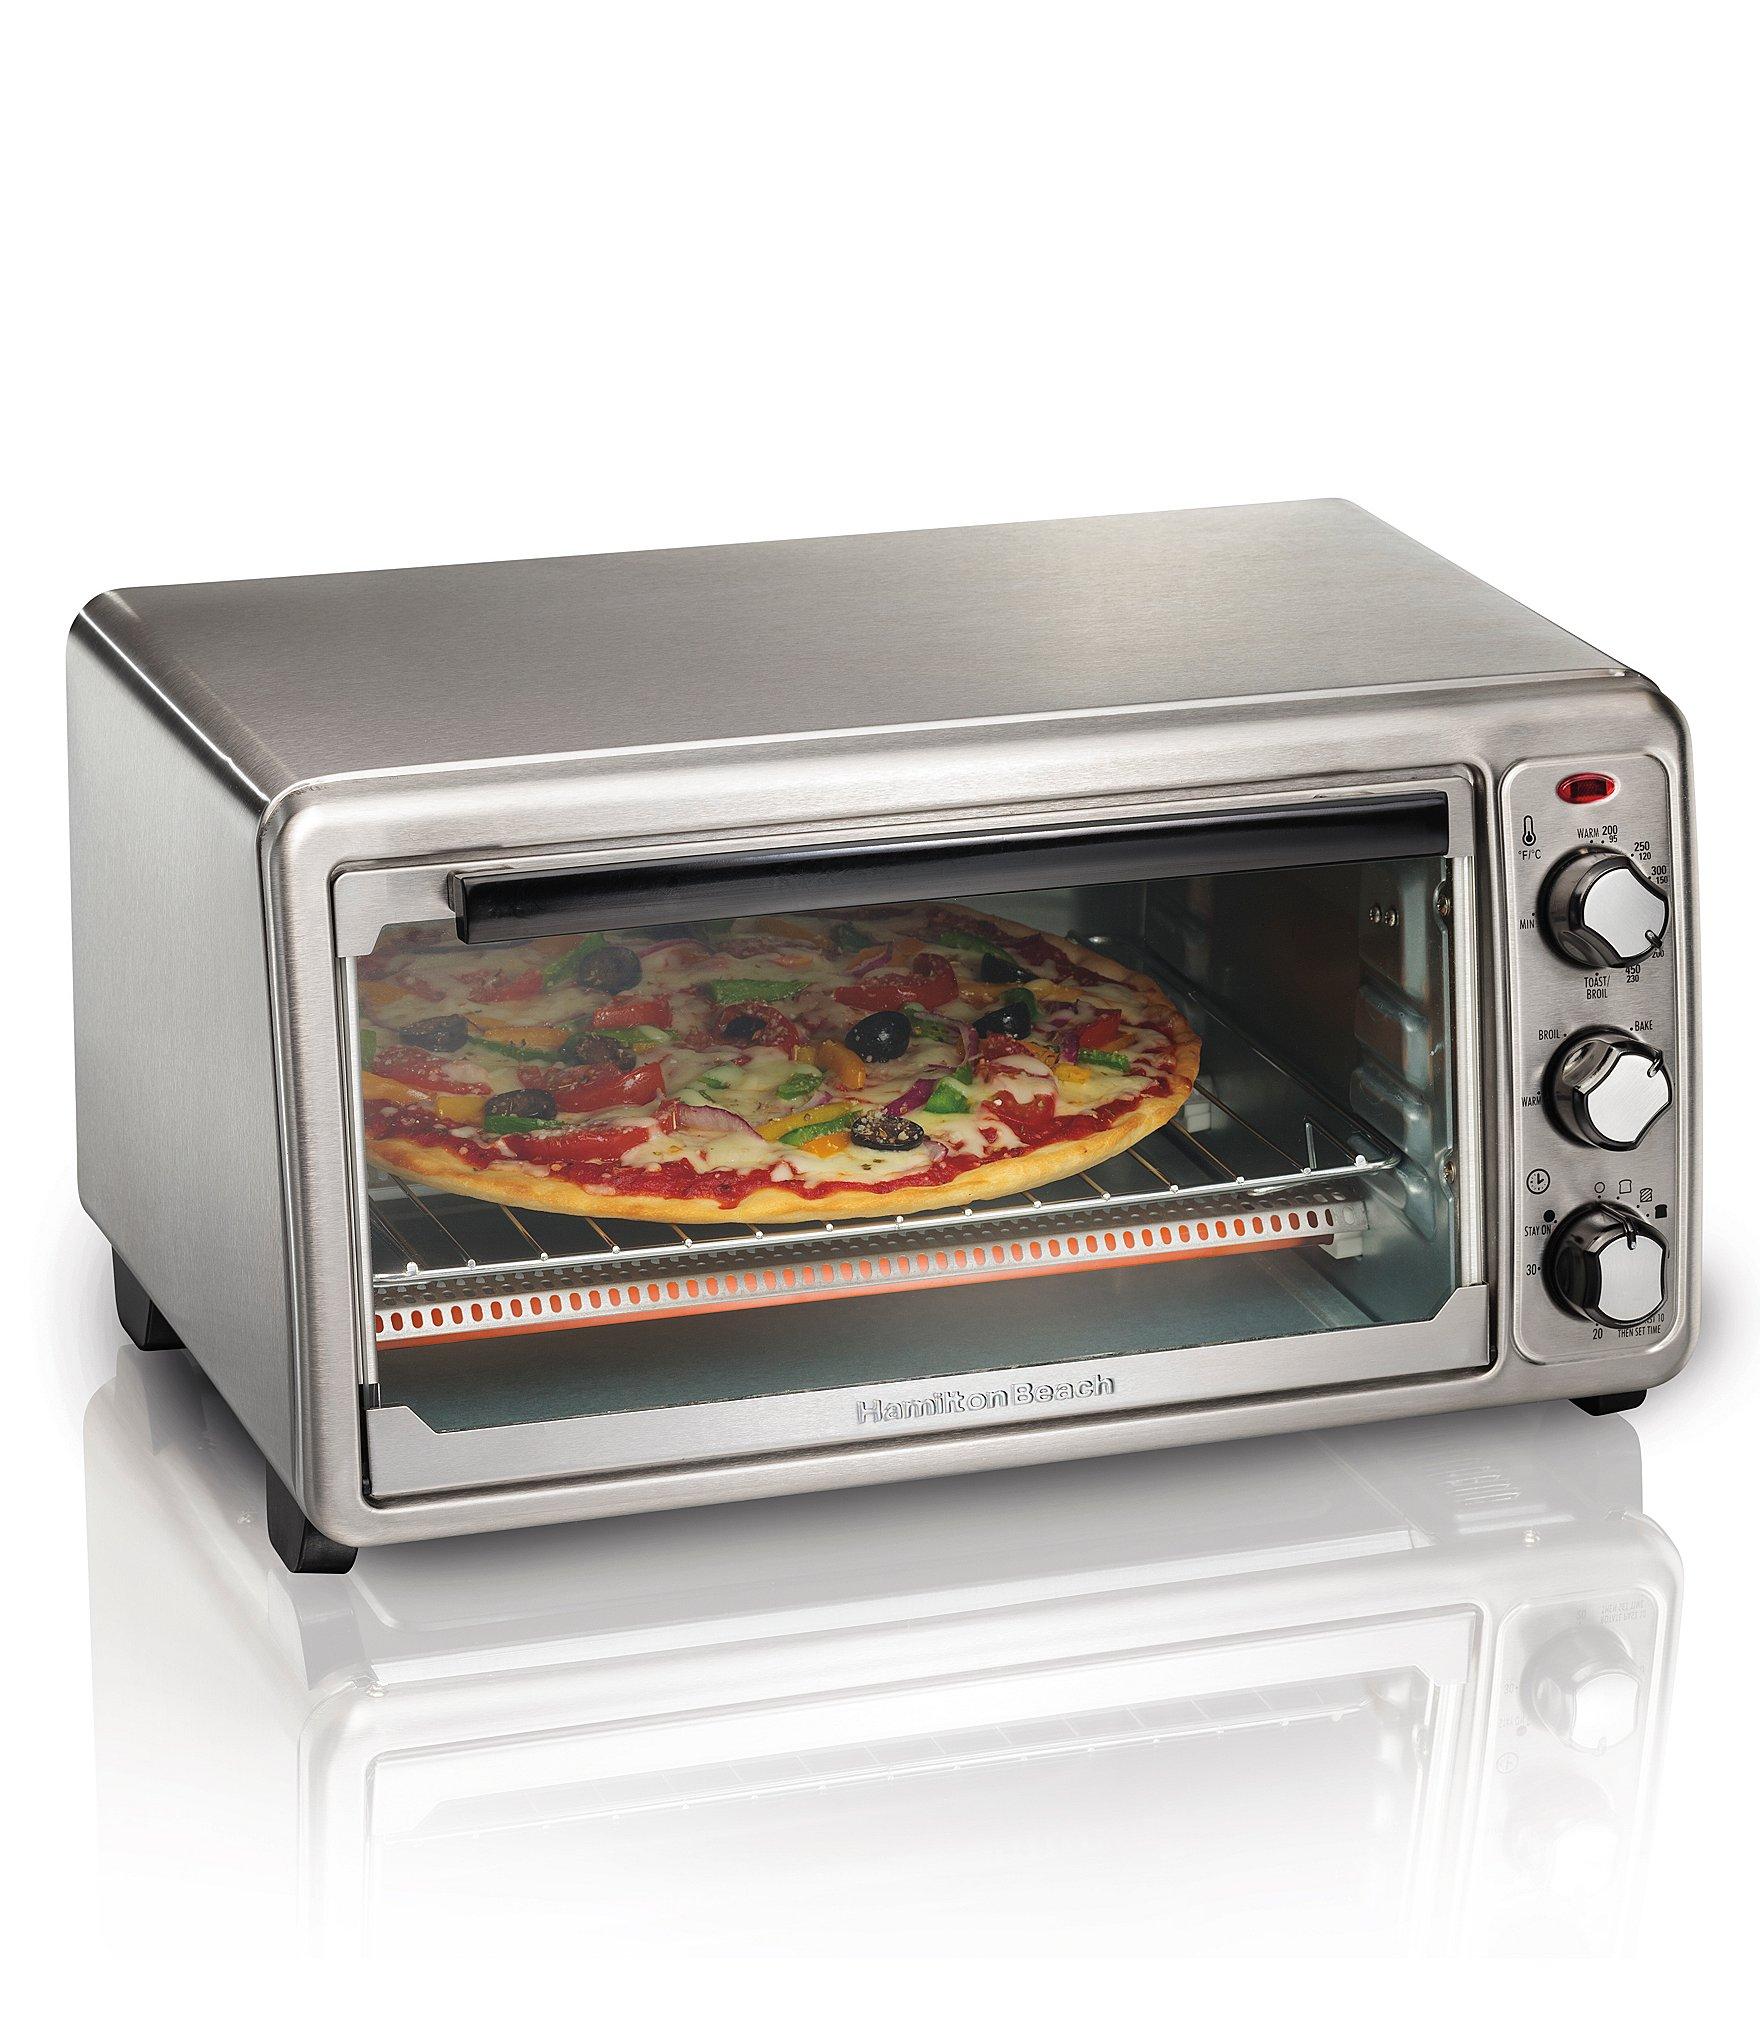 Hamilton Beach 6 Slice Stainless Steel Toaster Oven Dillards